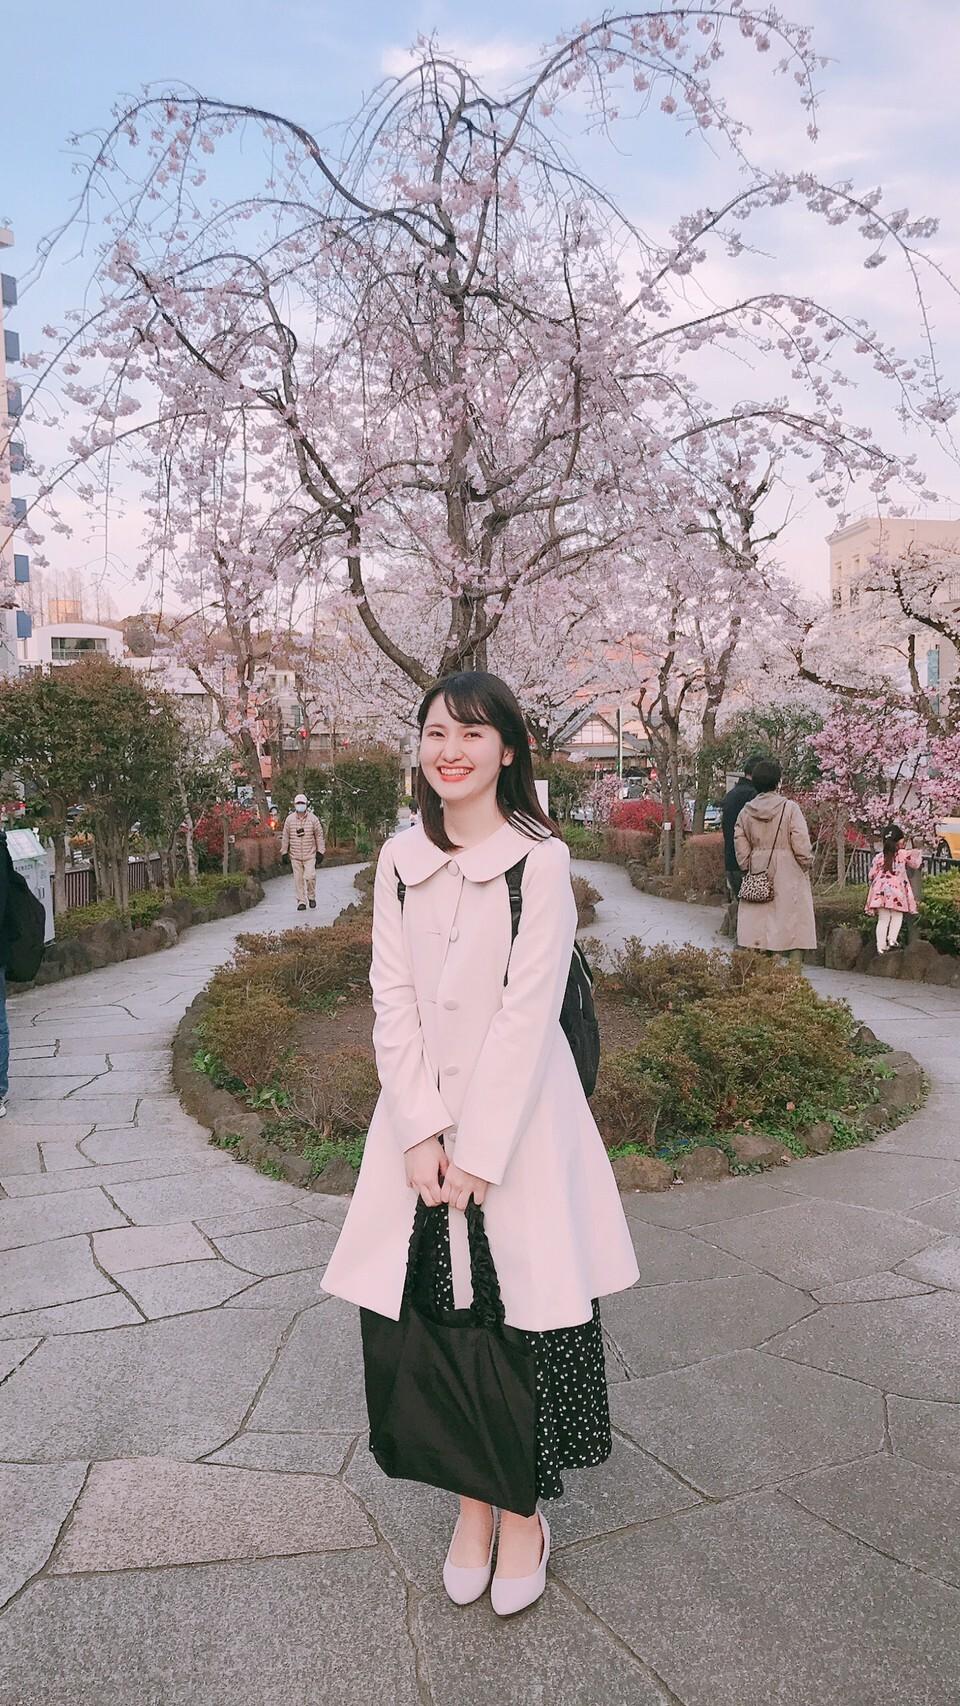 【お花見ならココ?】池袋から5分?!ドラマロケ地にもなった桜並木!!_1_3